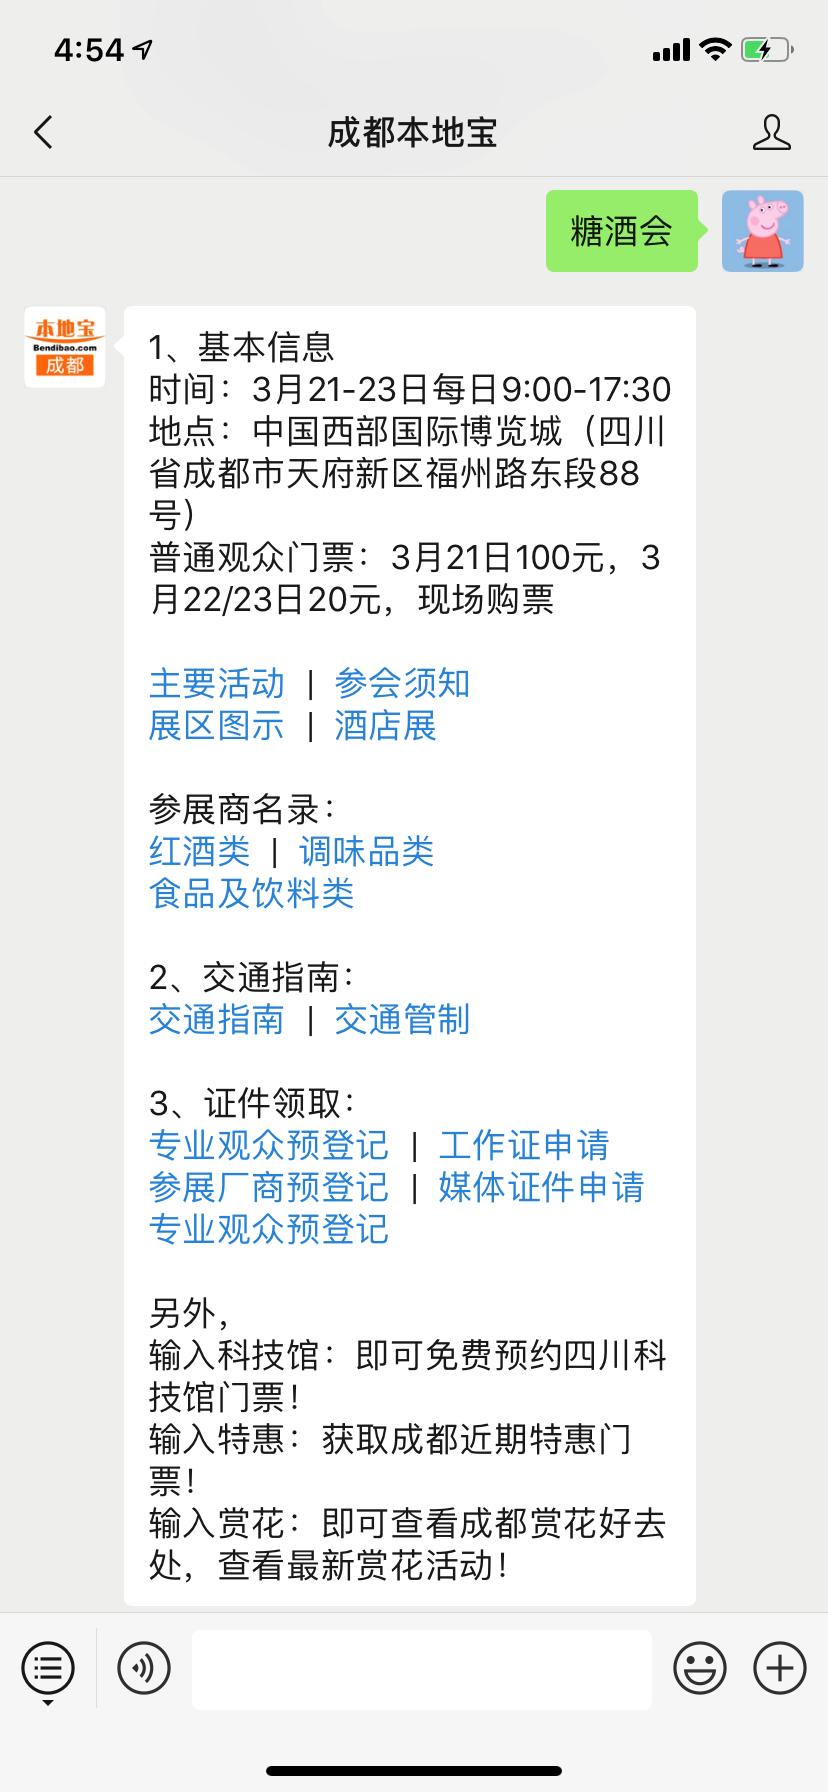 2019成都糖酒会门票价格 第一天100元其余时间20元